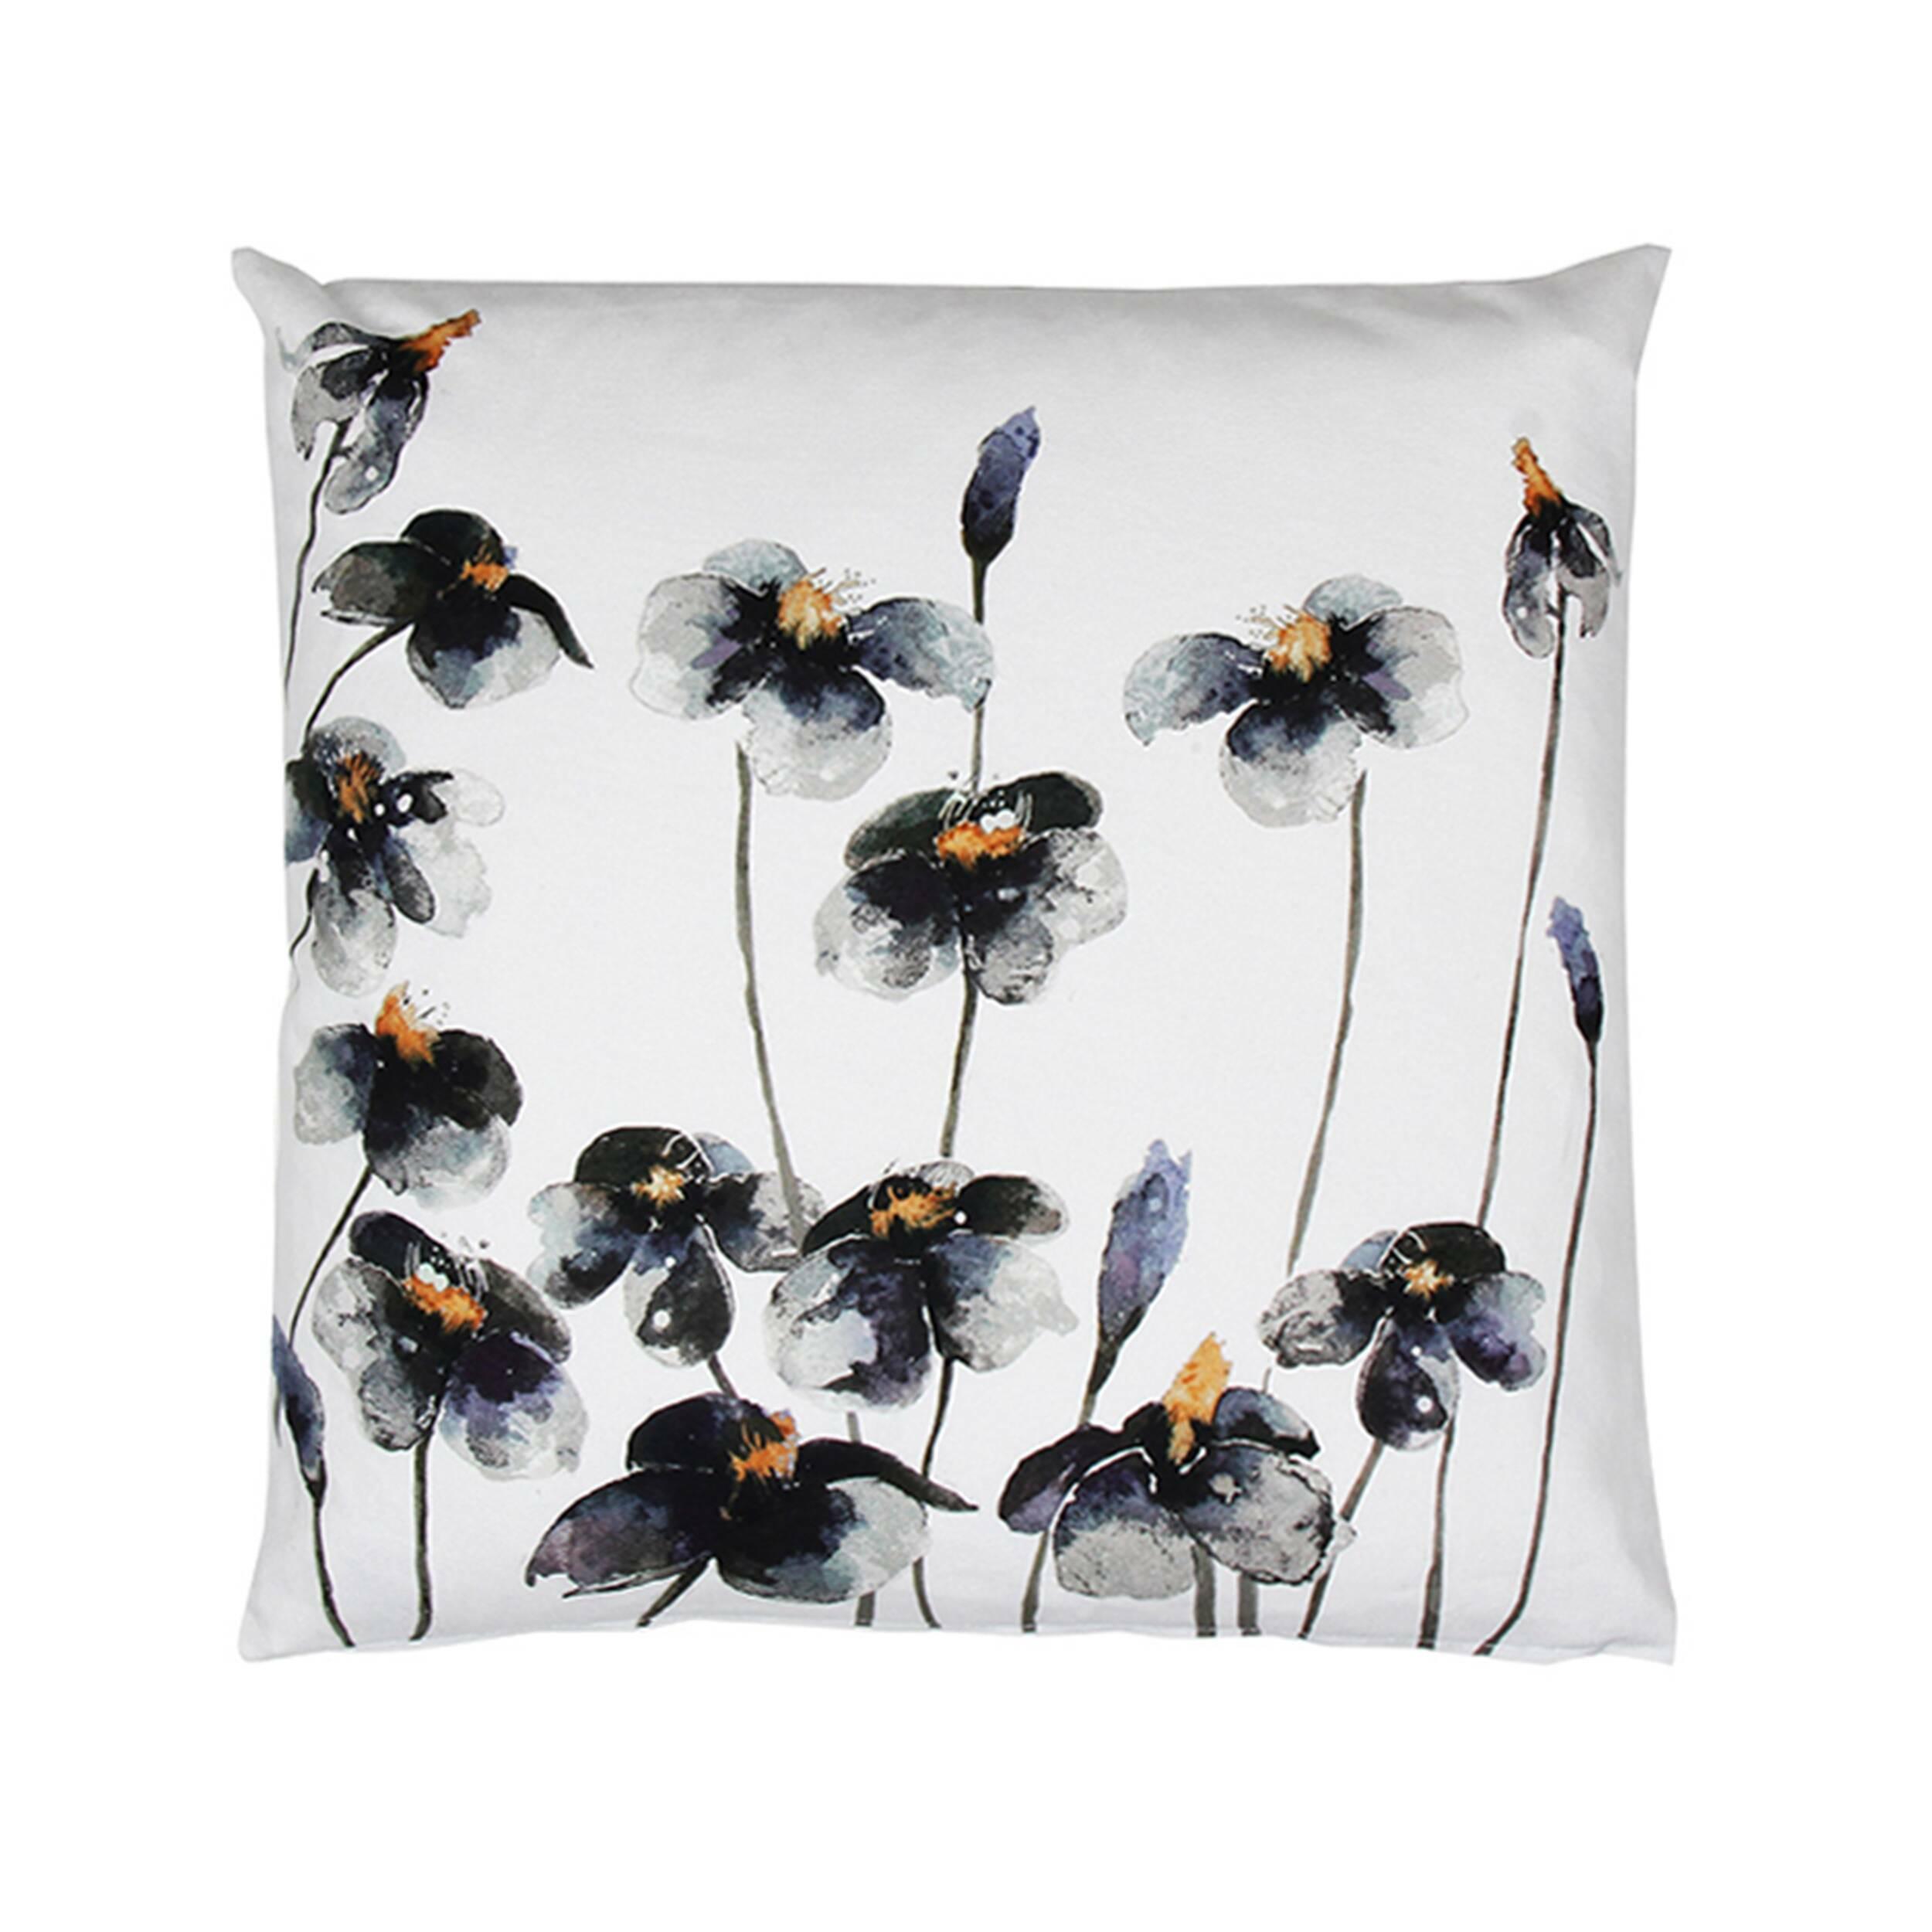 Купить Декоративная подушка PIXI (01025397390), Cosmo, Мульти, хлопок, перо